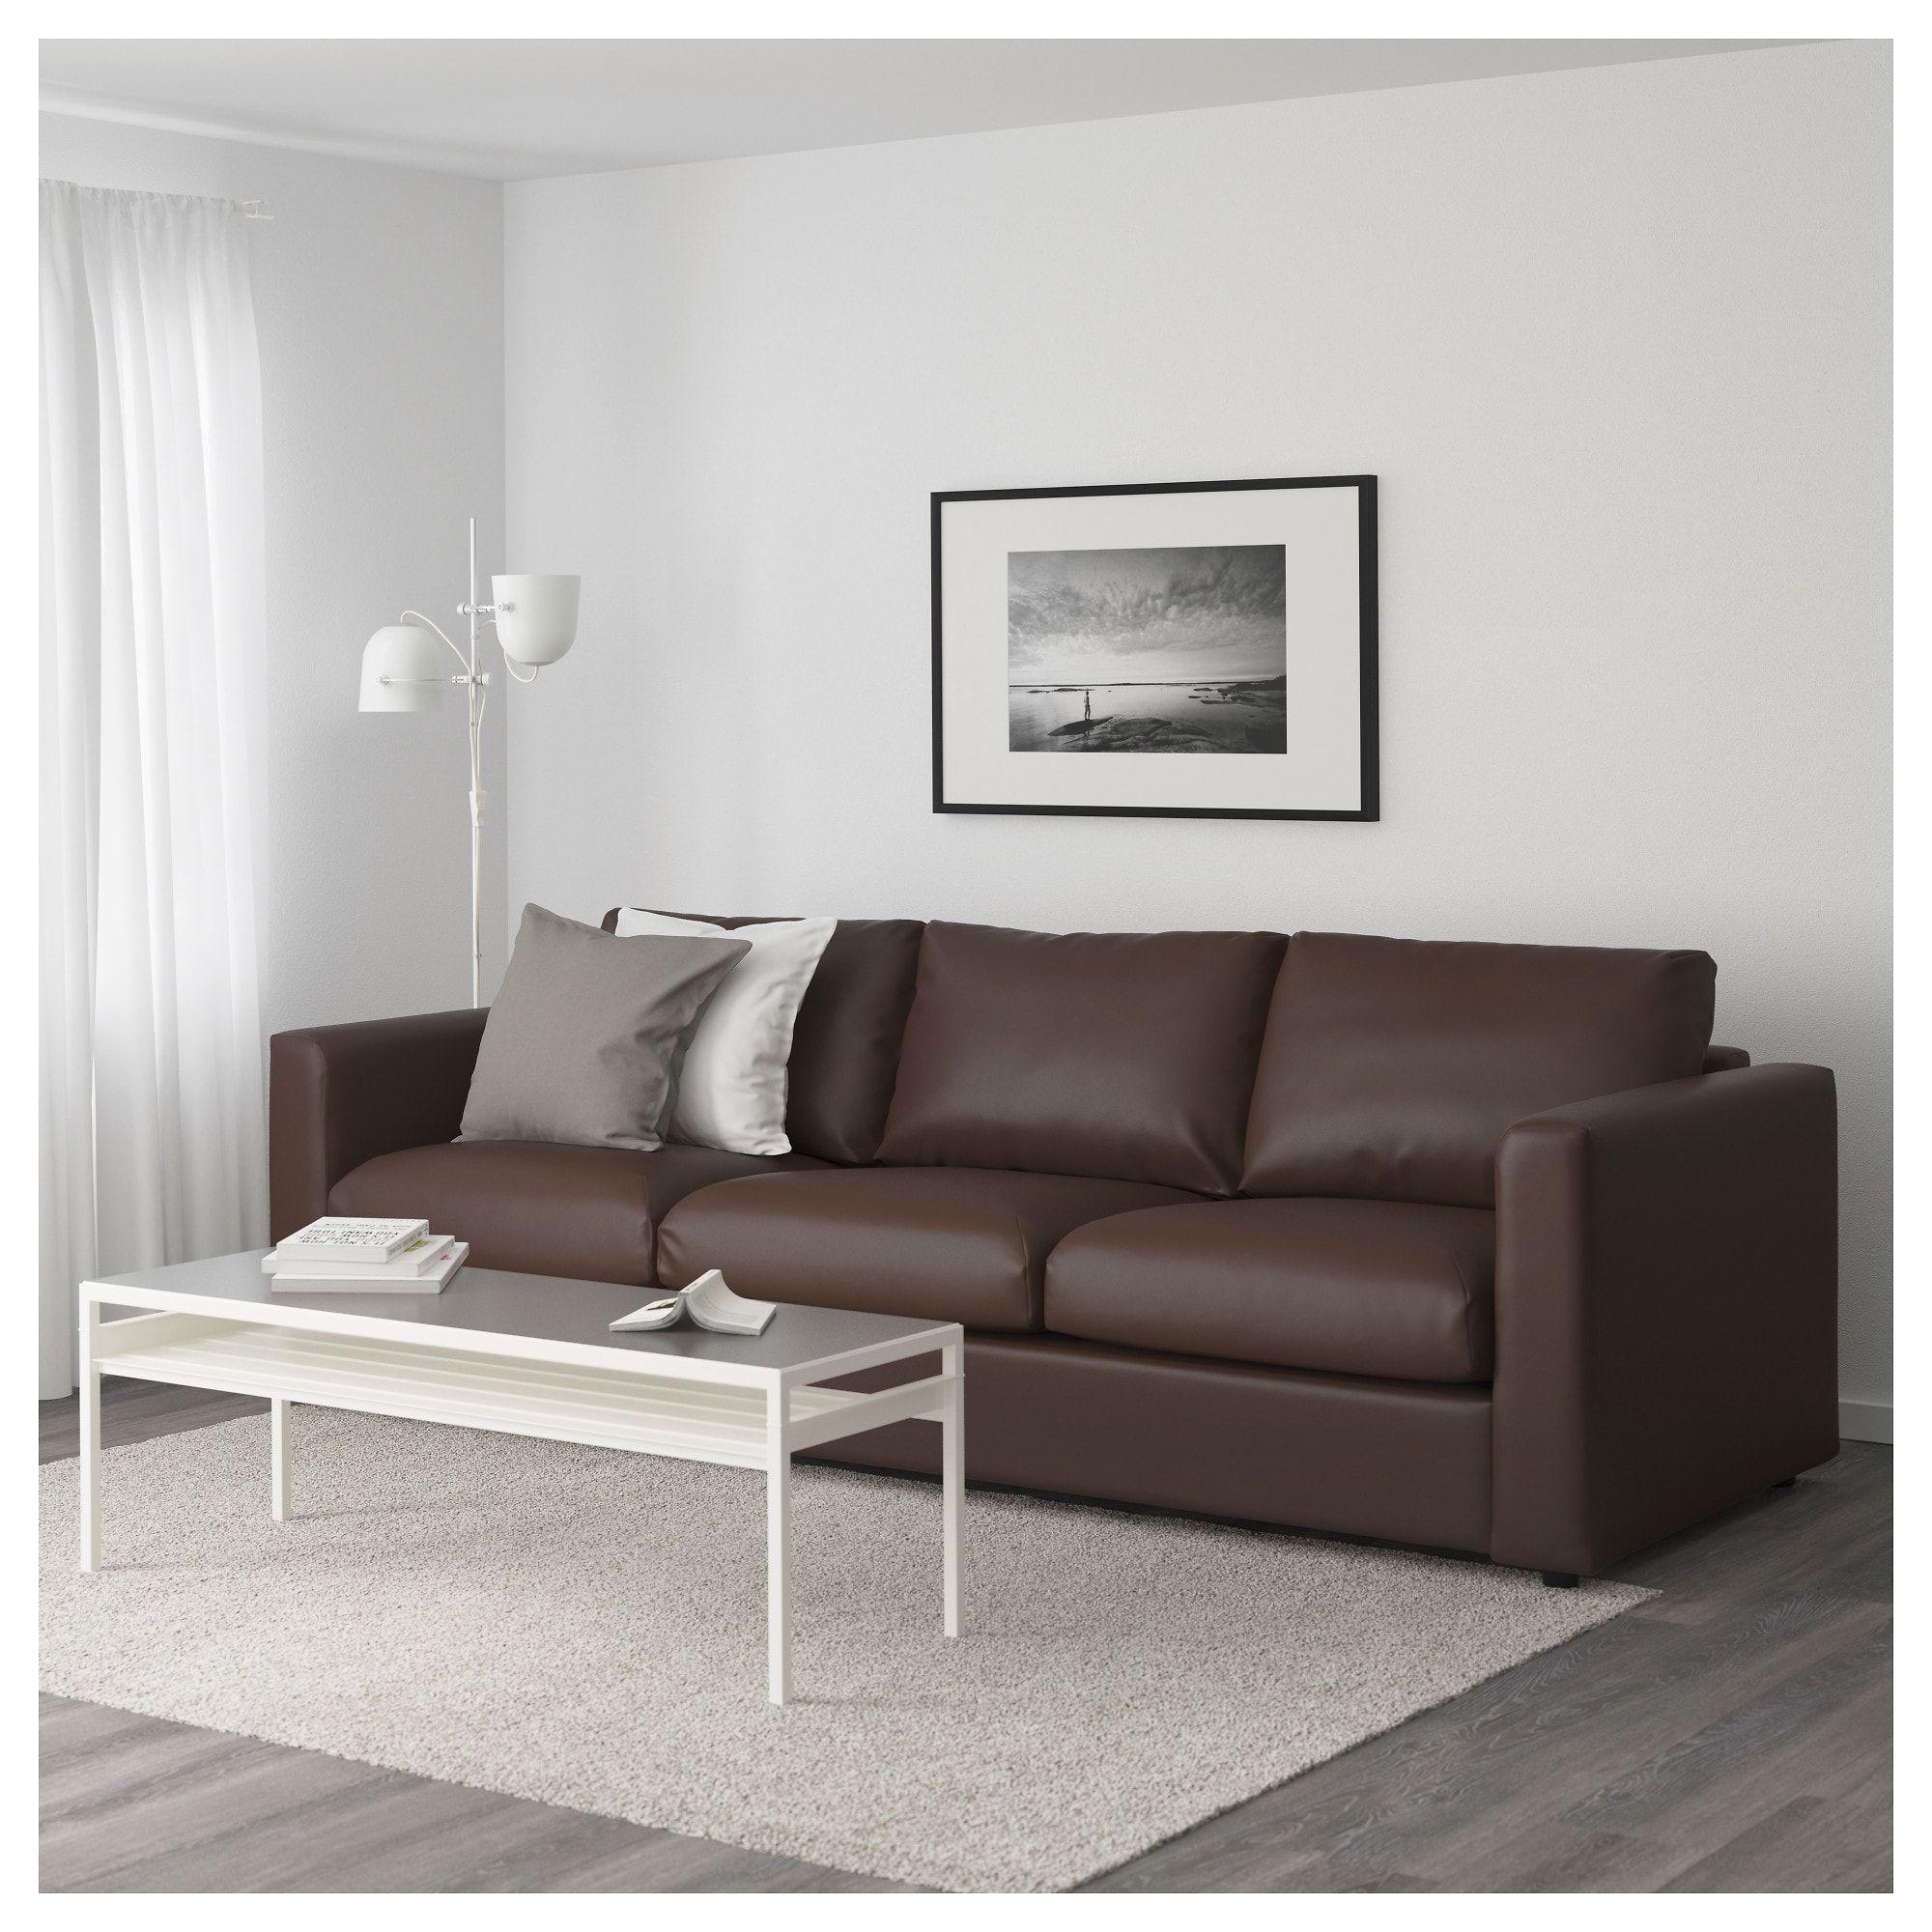 Ikea Us Furniture And Home Furnishings Ikea Vimle Sofa Modular Sectional Sofa Best Leather Sofa